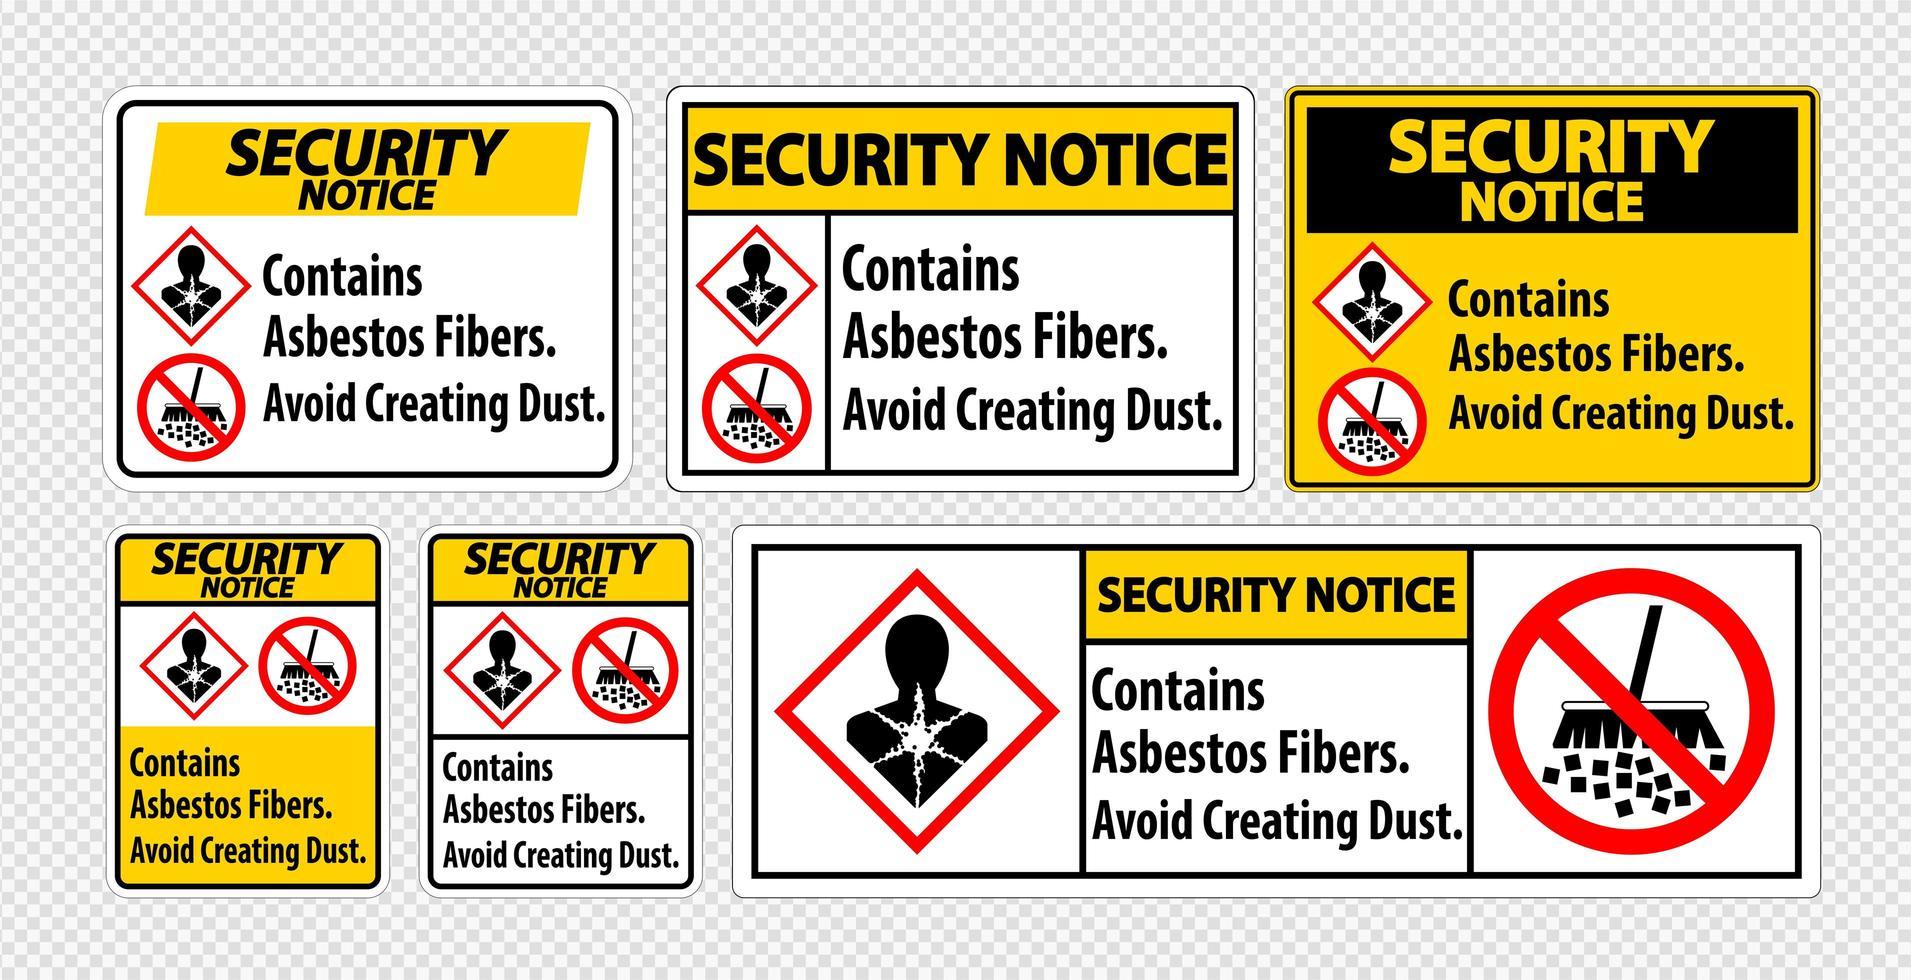 Sicherheitshinweise zur Vermeidung von Asbest vektor